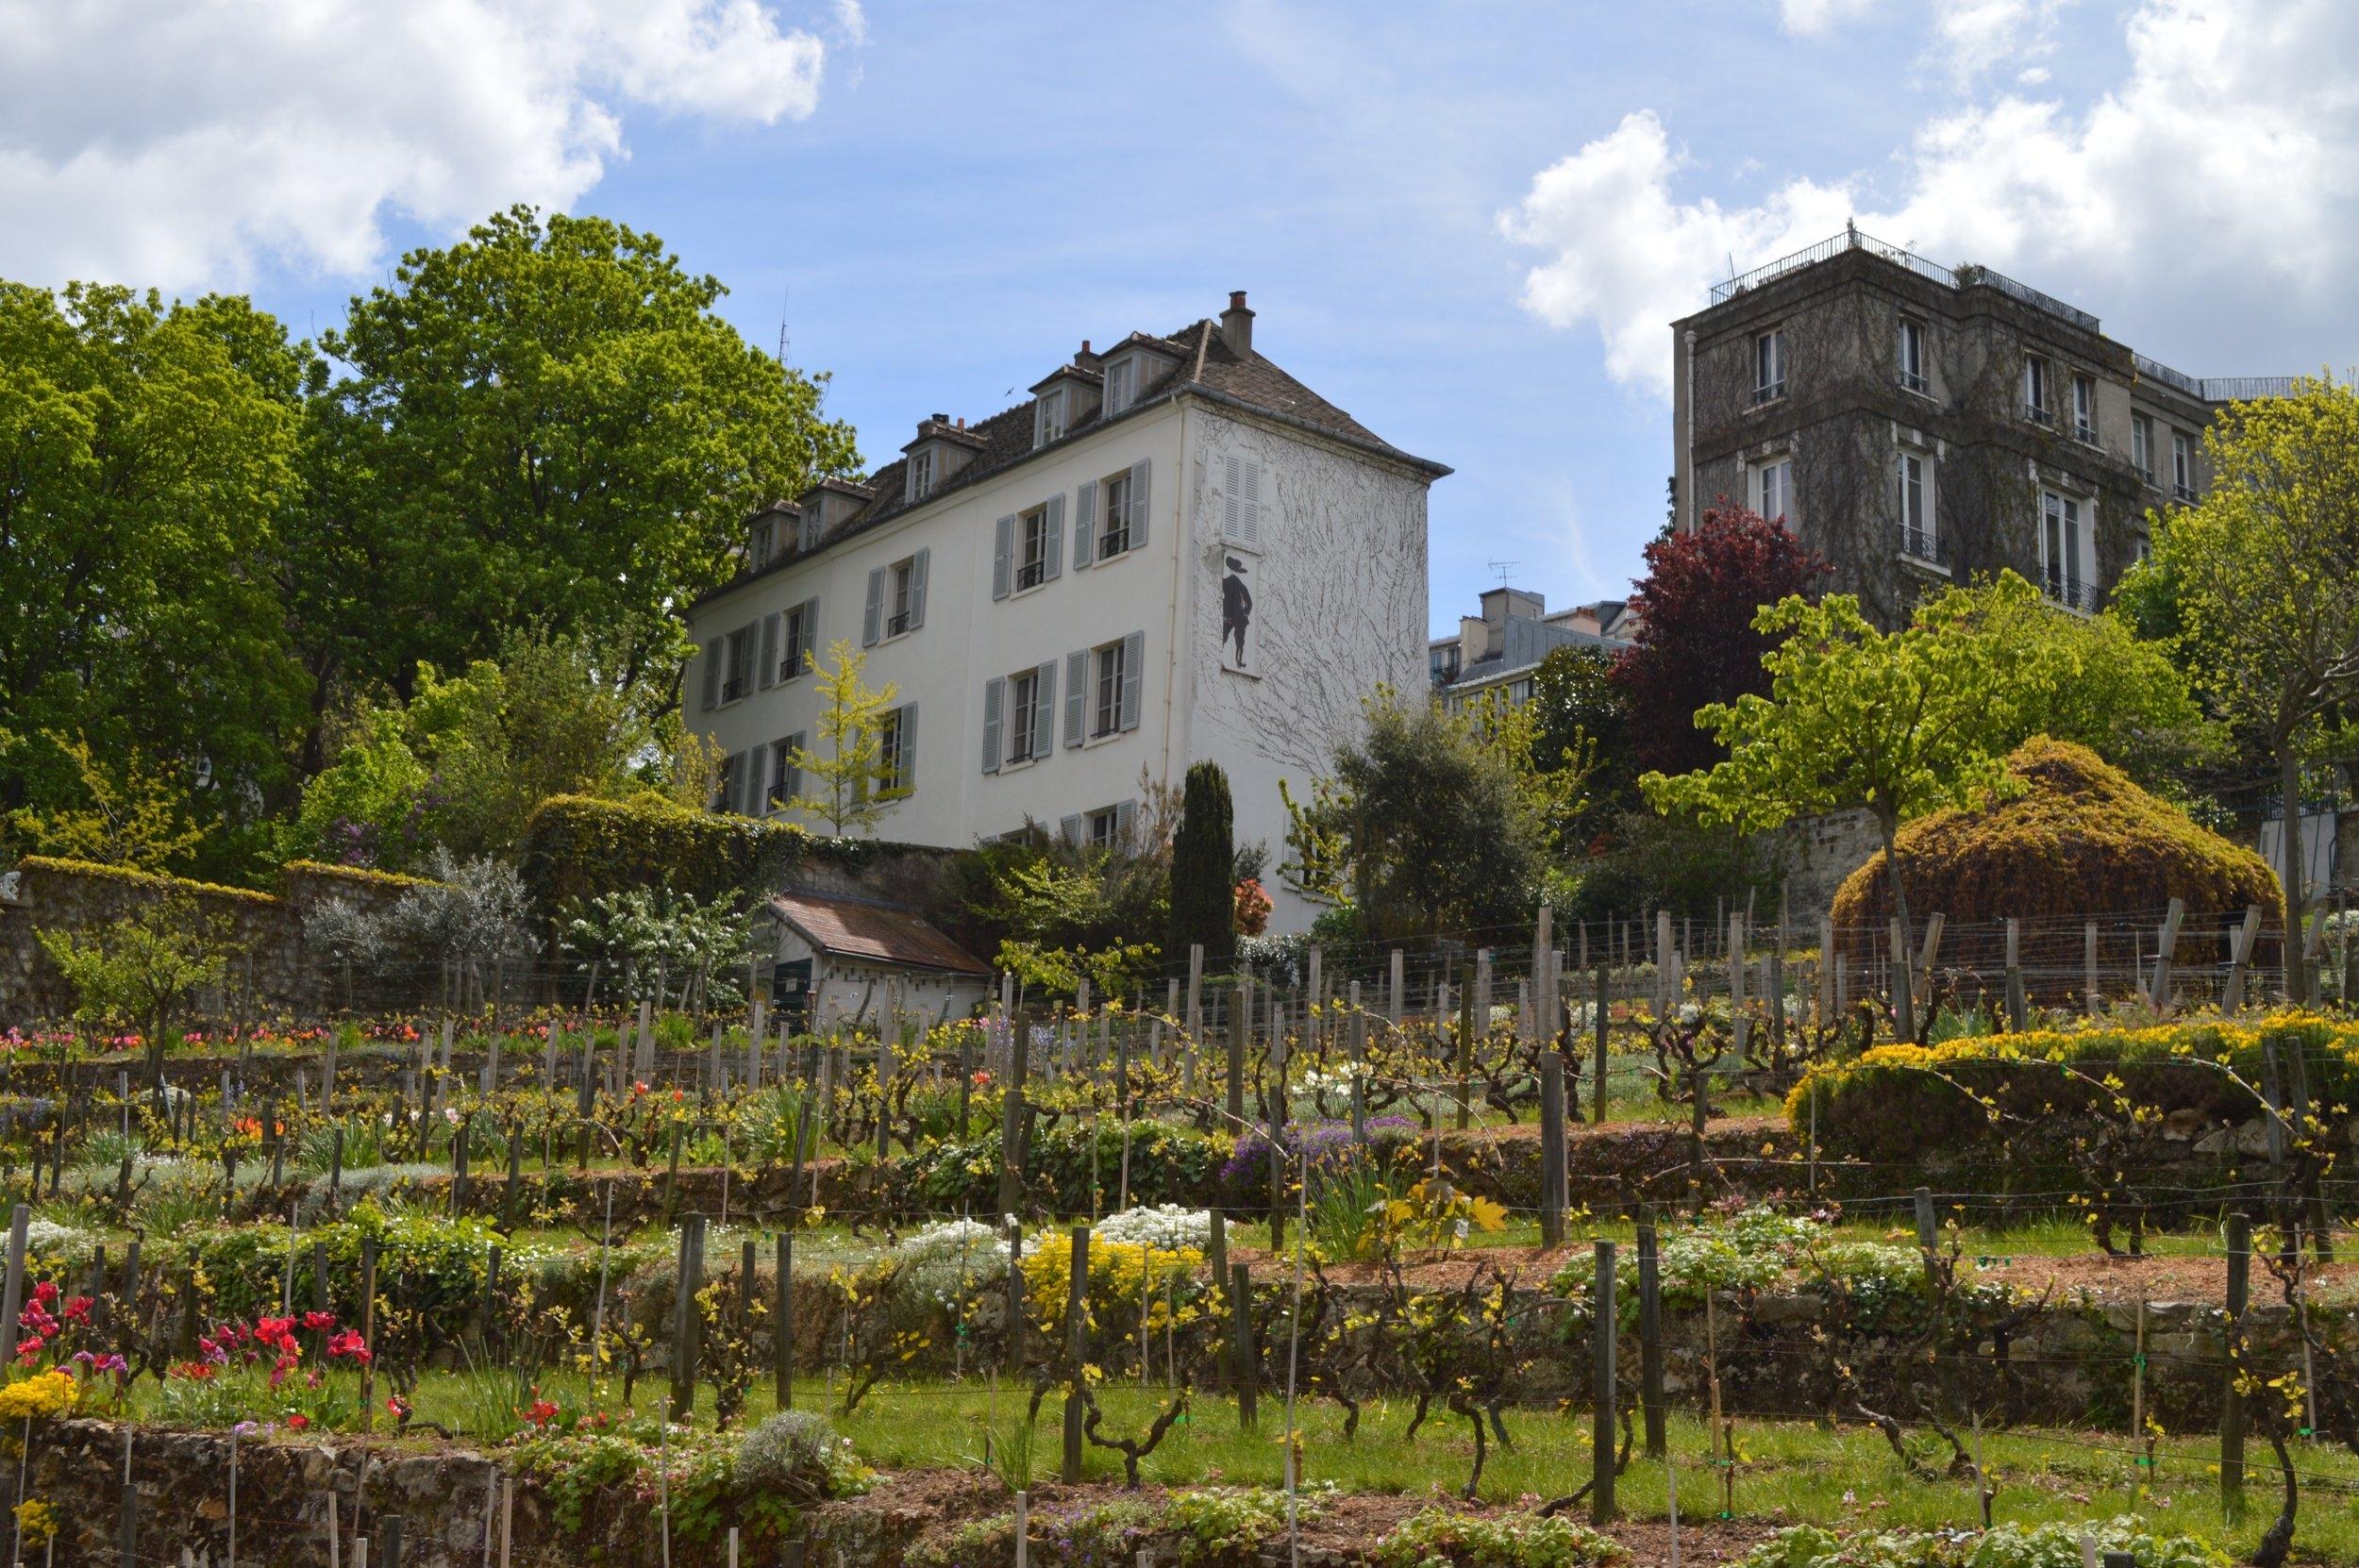 Montmartre Vineyard in Paris